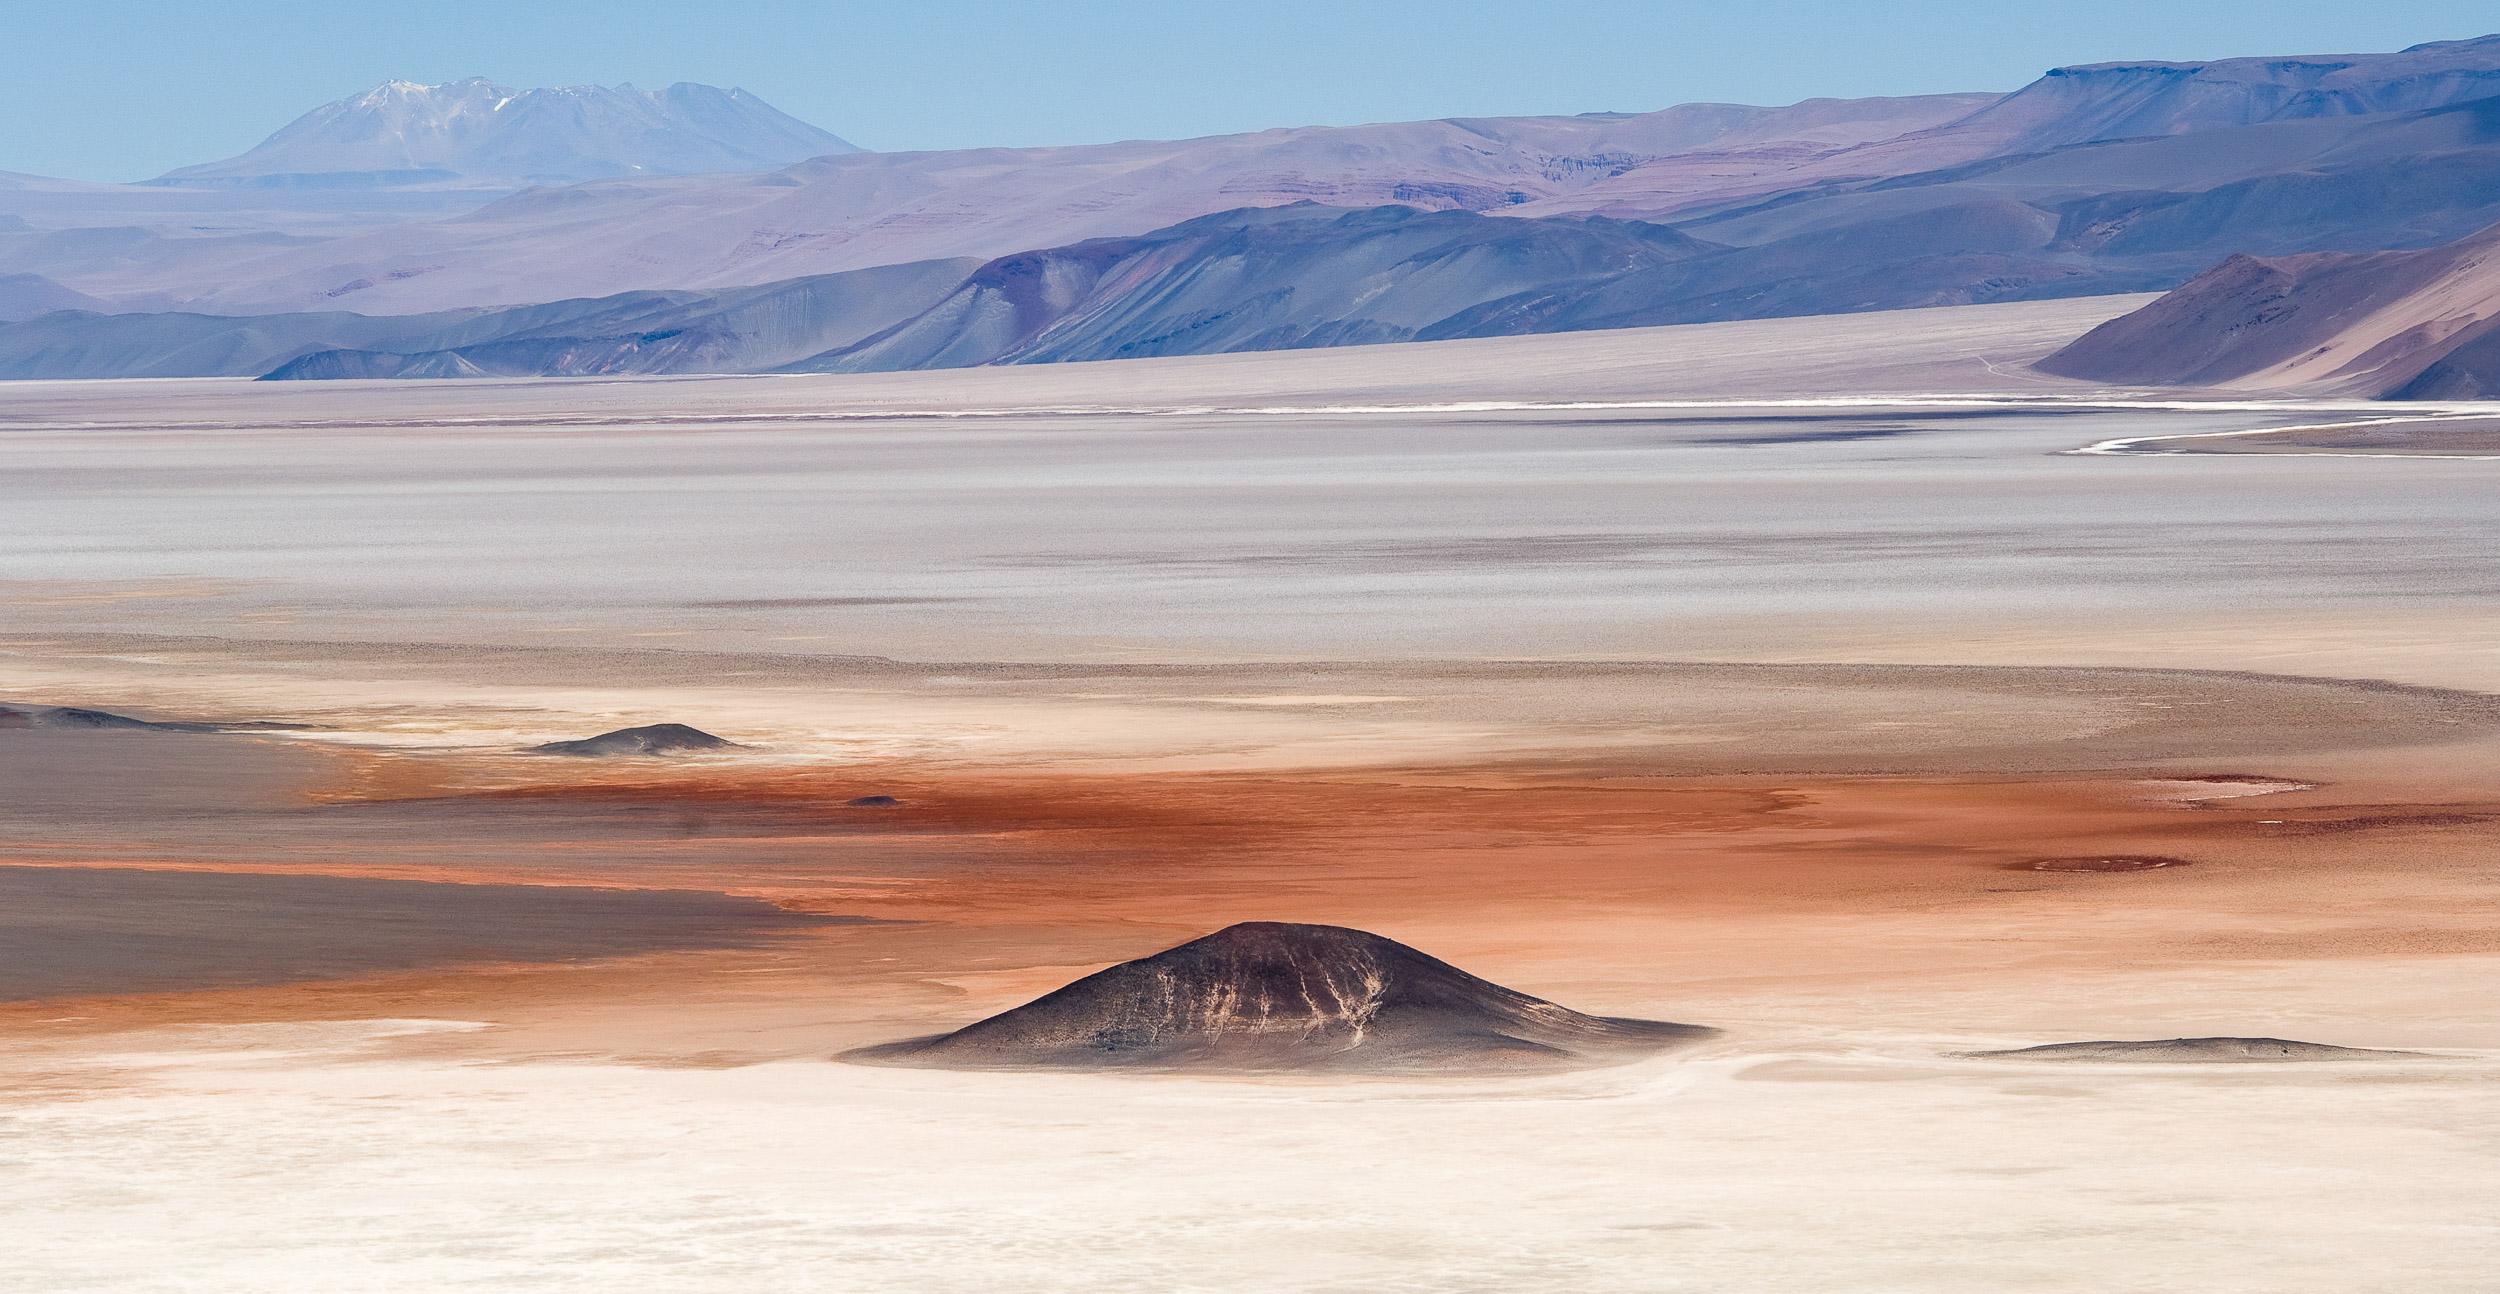 0903 Argentina-1594 (2500 pixels).jpg